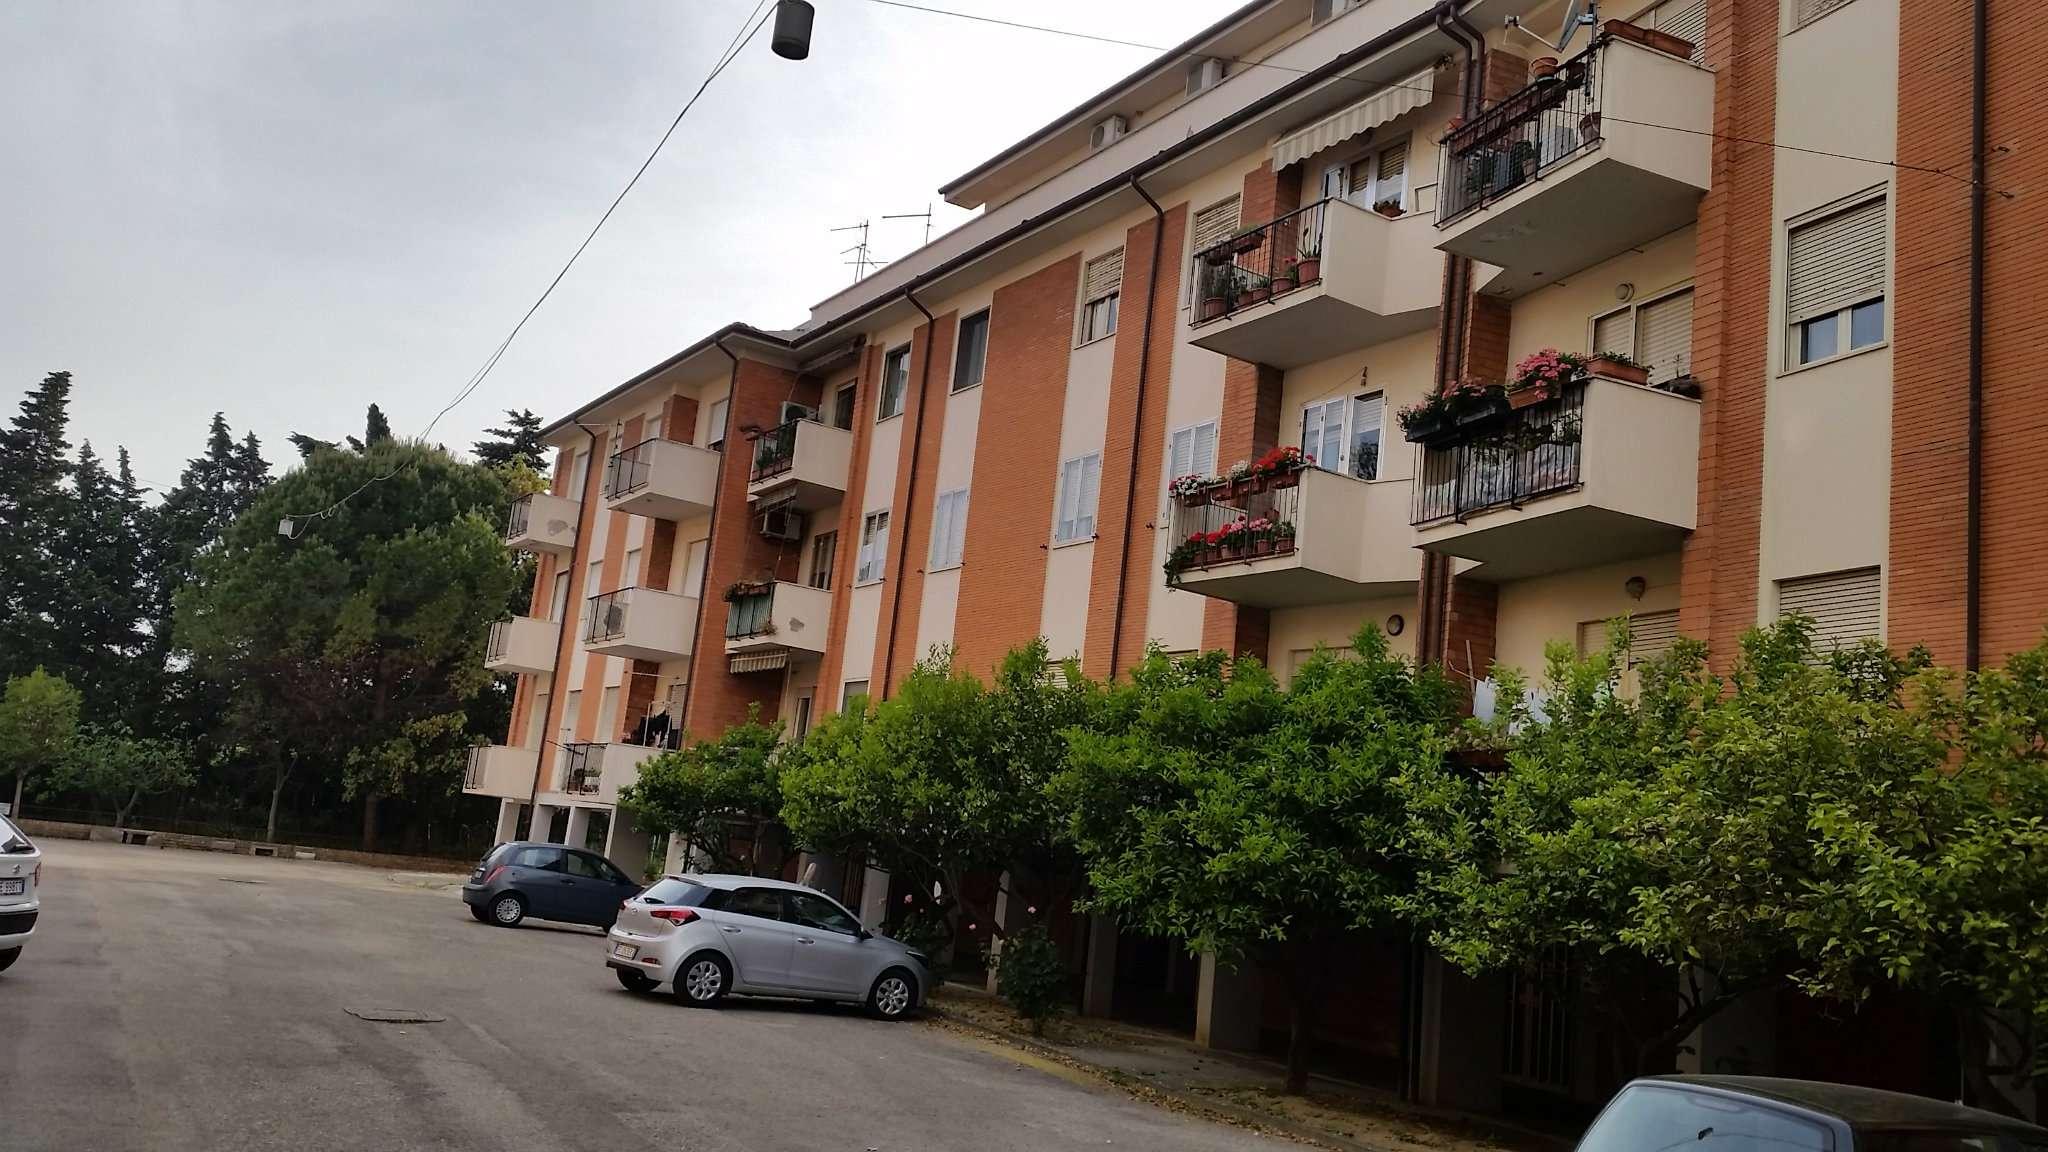 Attico / Mansarda in affitto a Pescara, 5 locali, prezzo € 650 | Cambio Casa.it